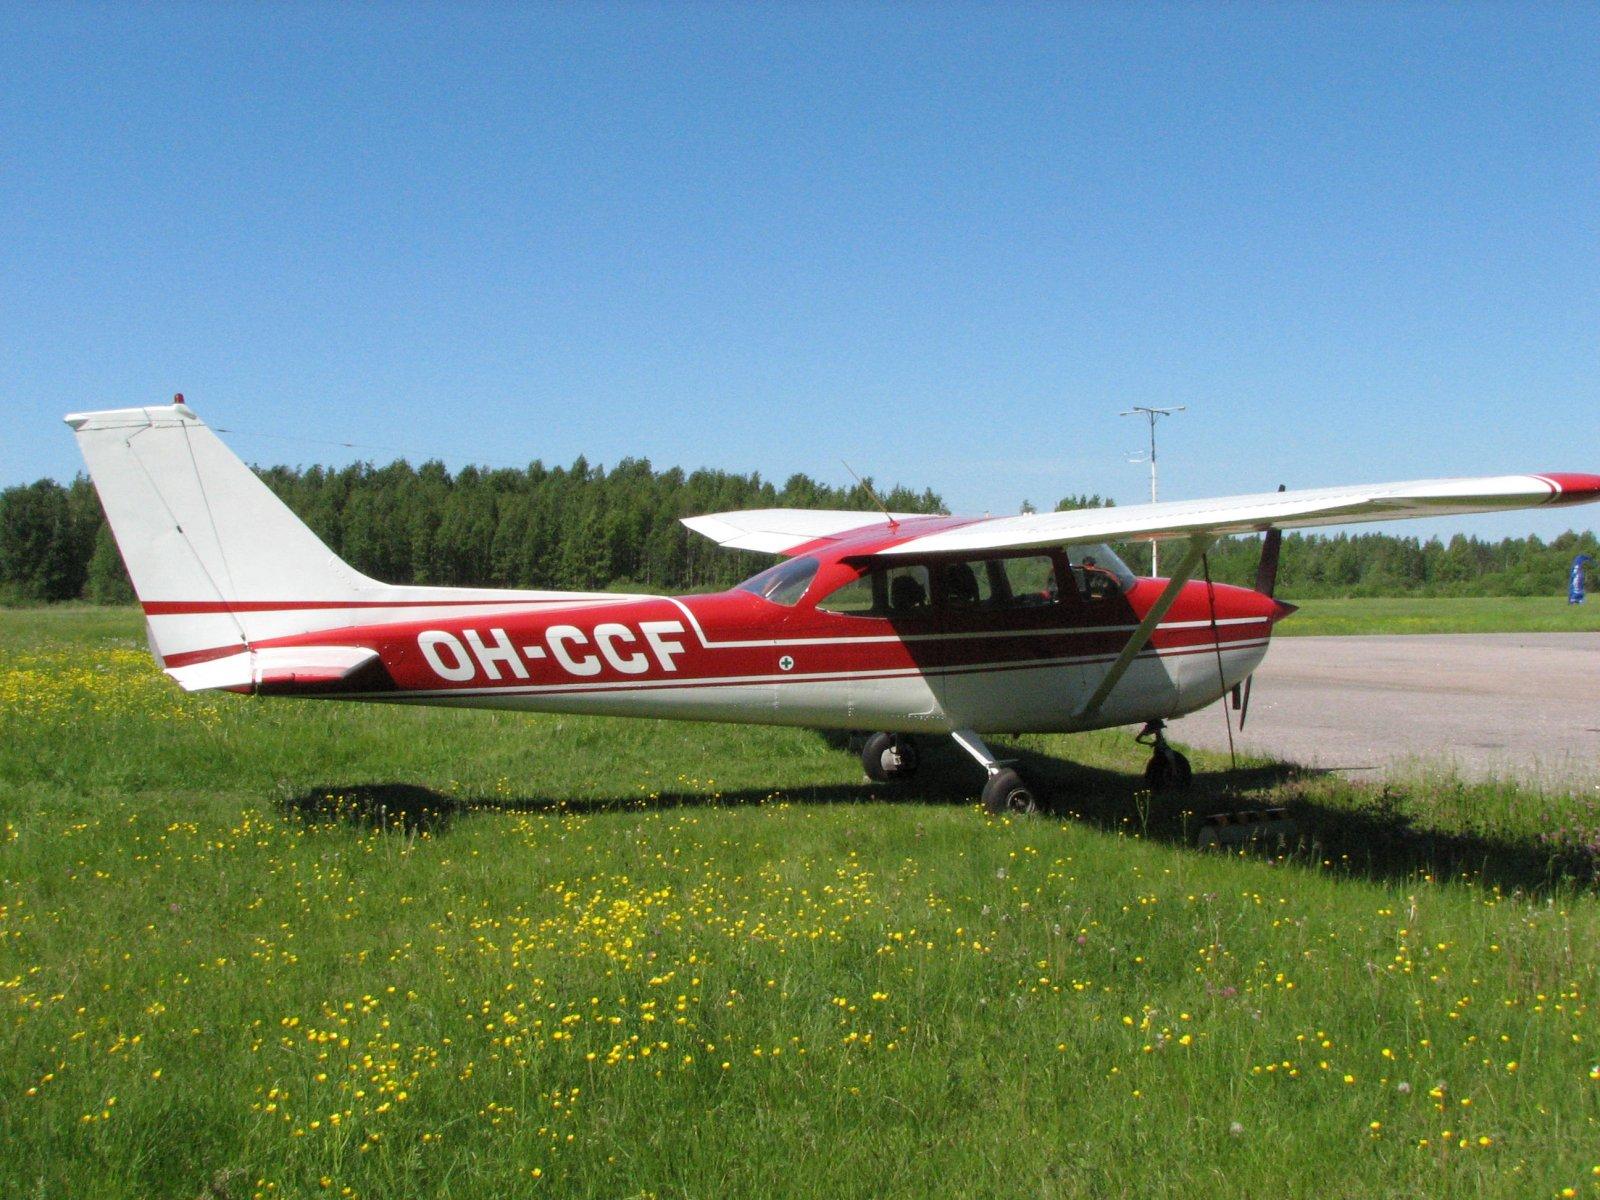 Reims/Cessna F172H OH-CCF EFHN2007